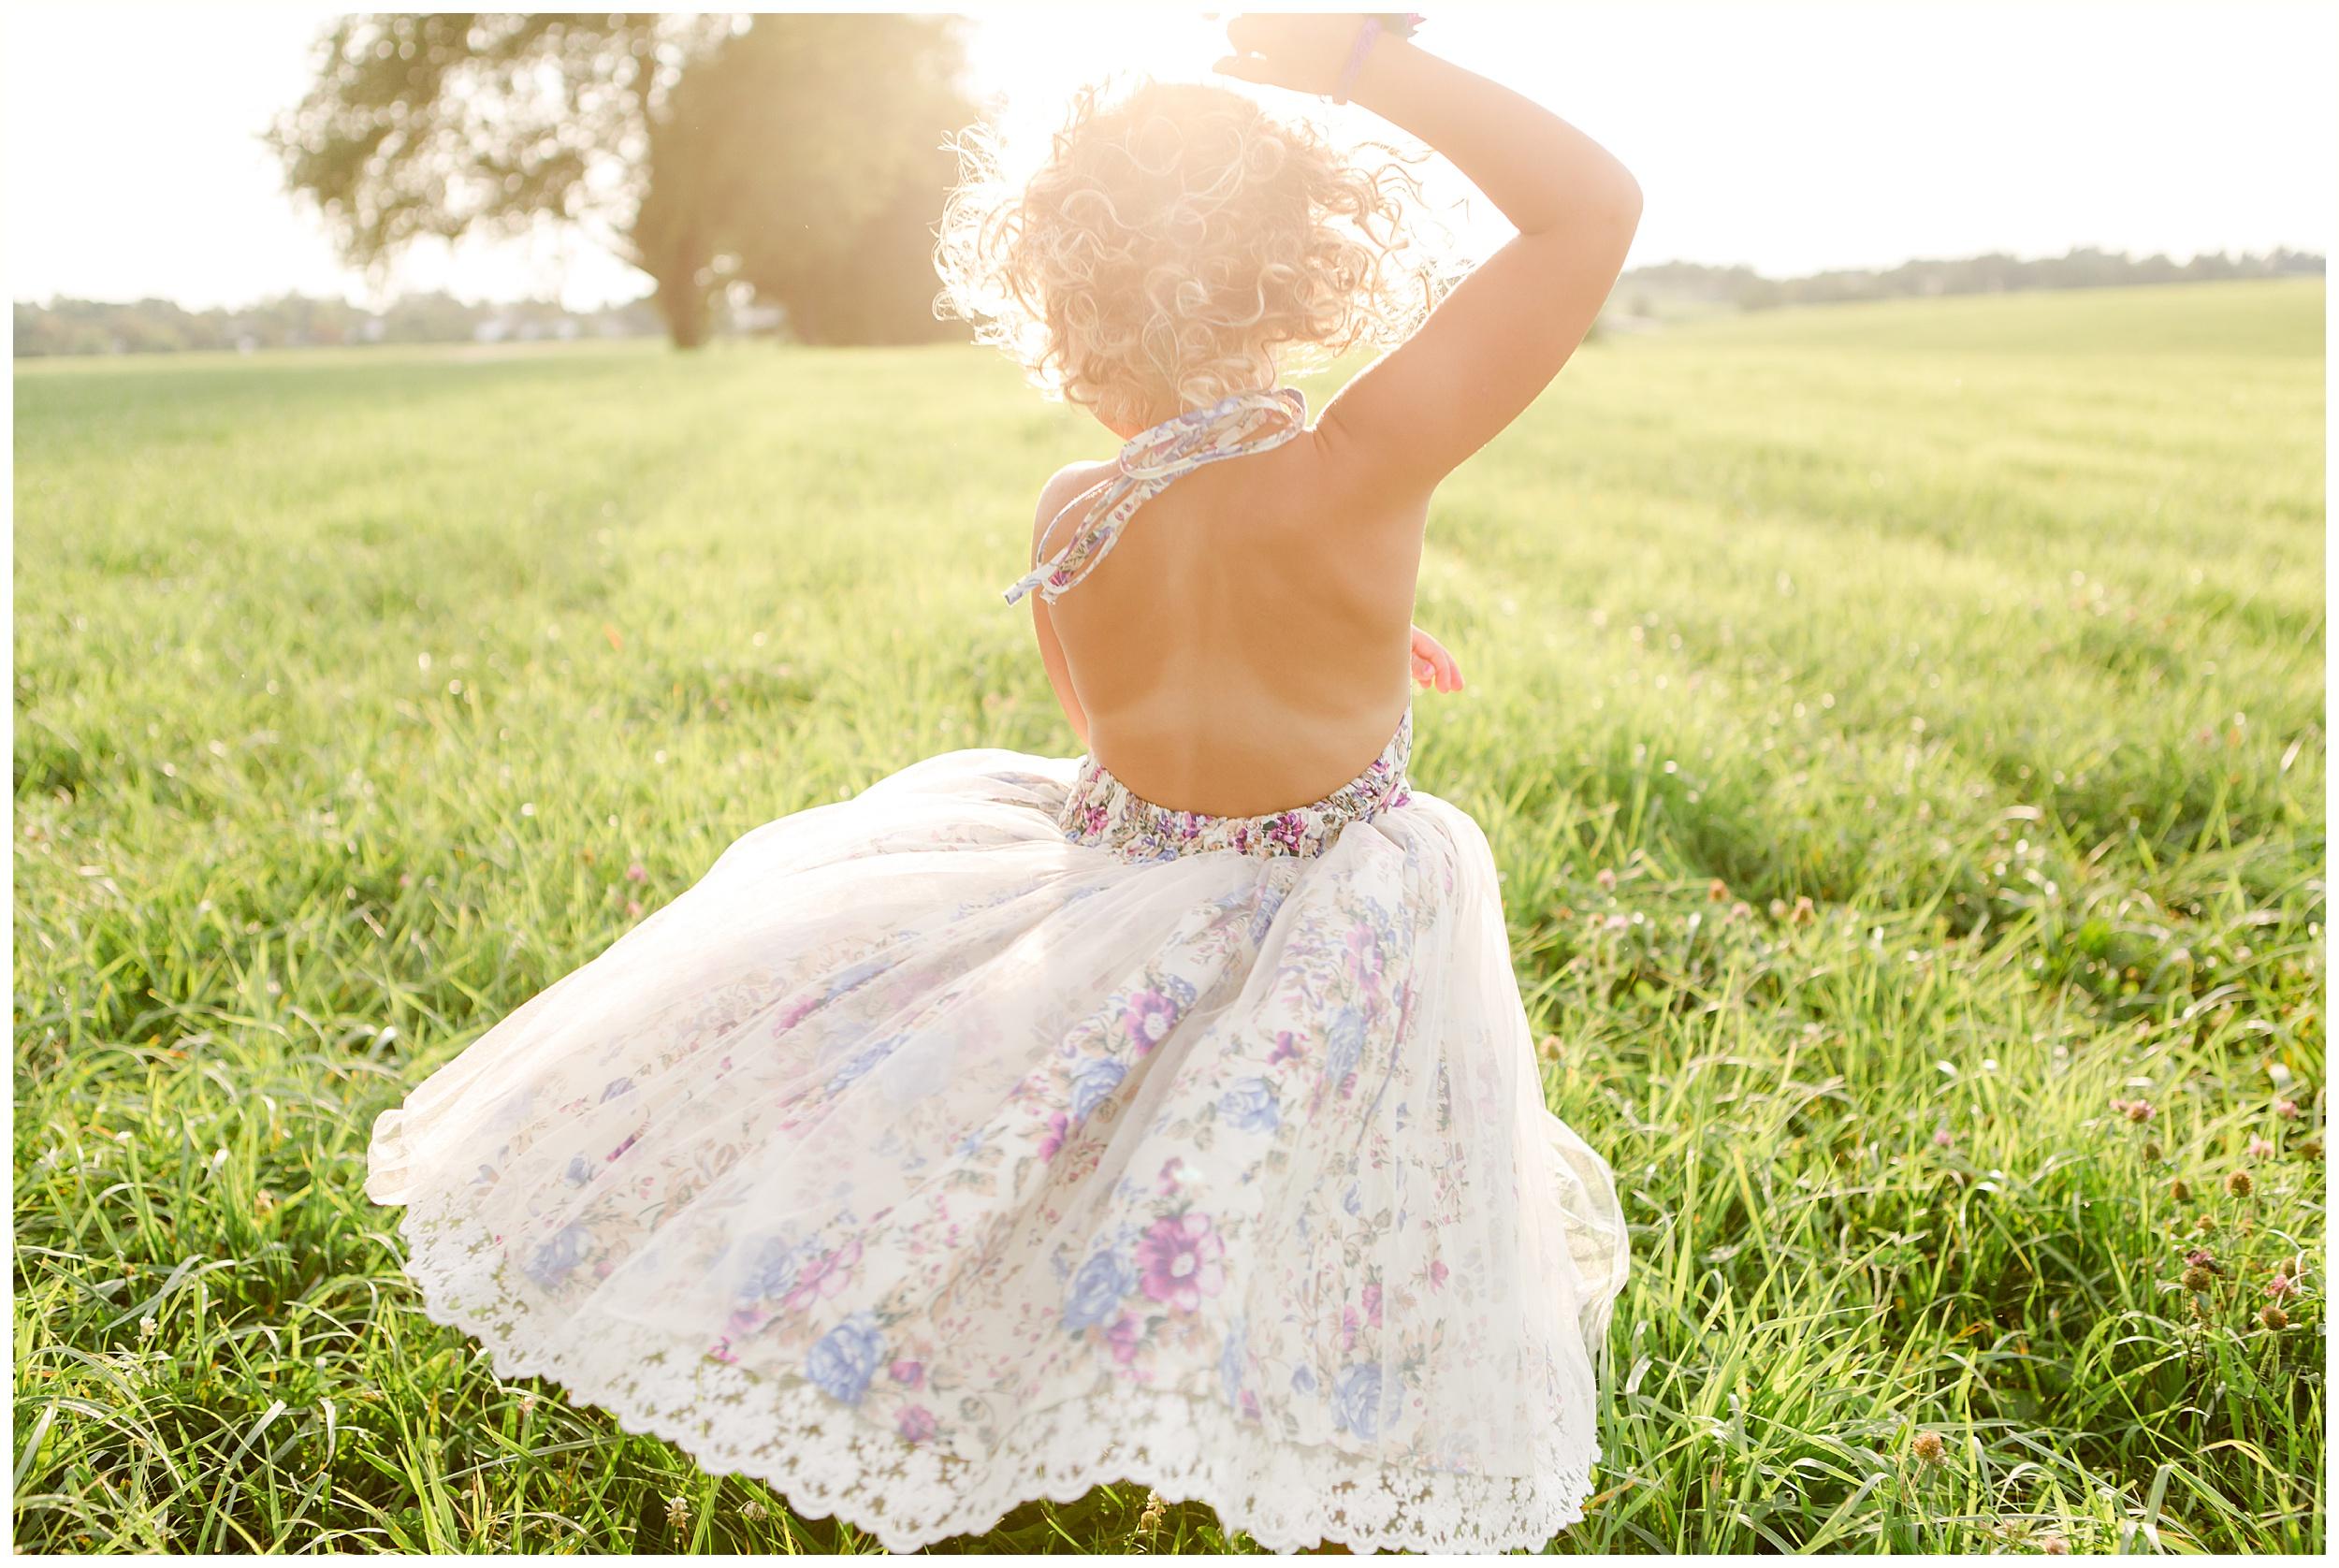 lexington-ky-family-lifestyle-photographer-priscilla-baierlein_1298.jpg